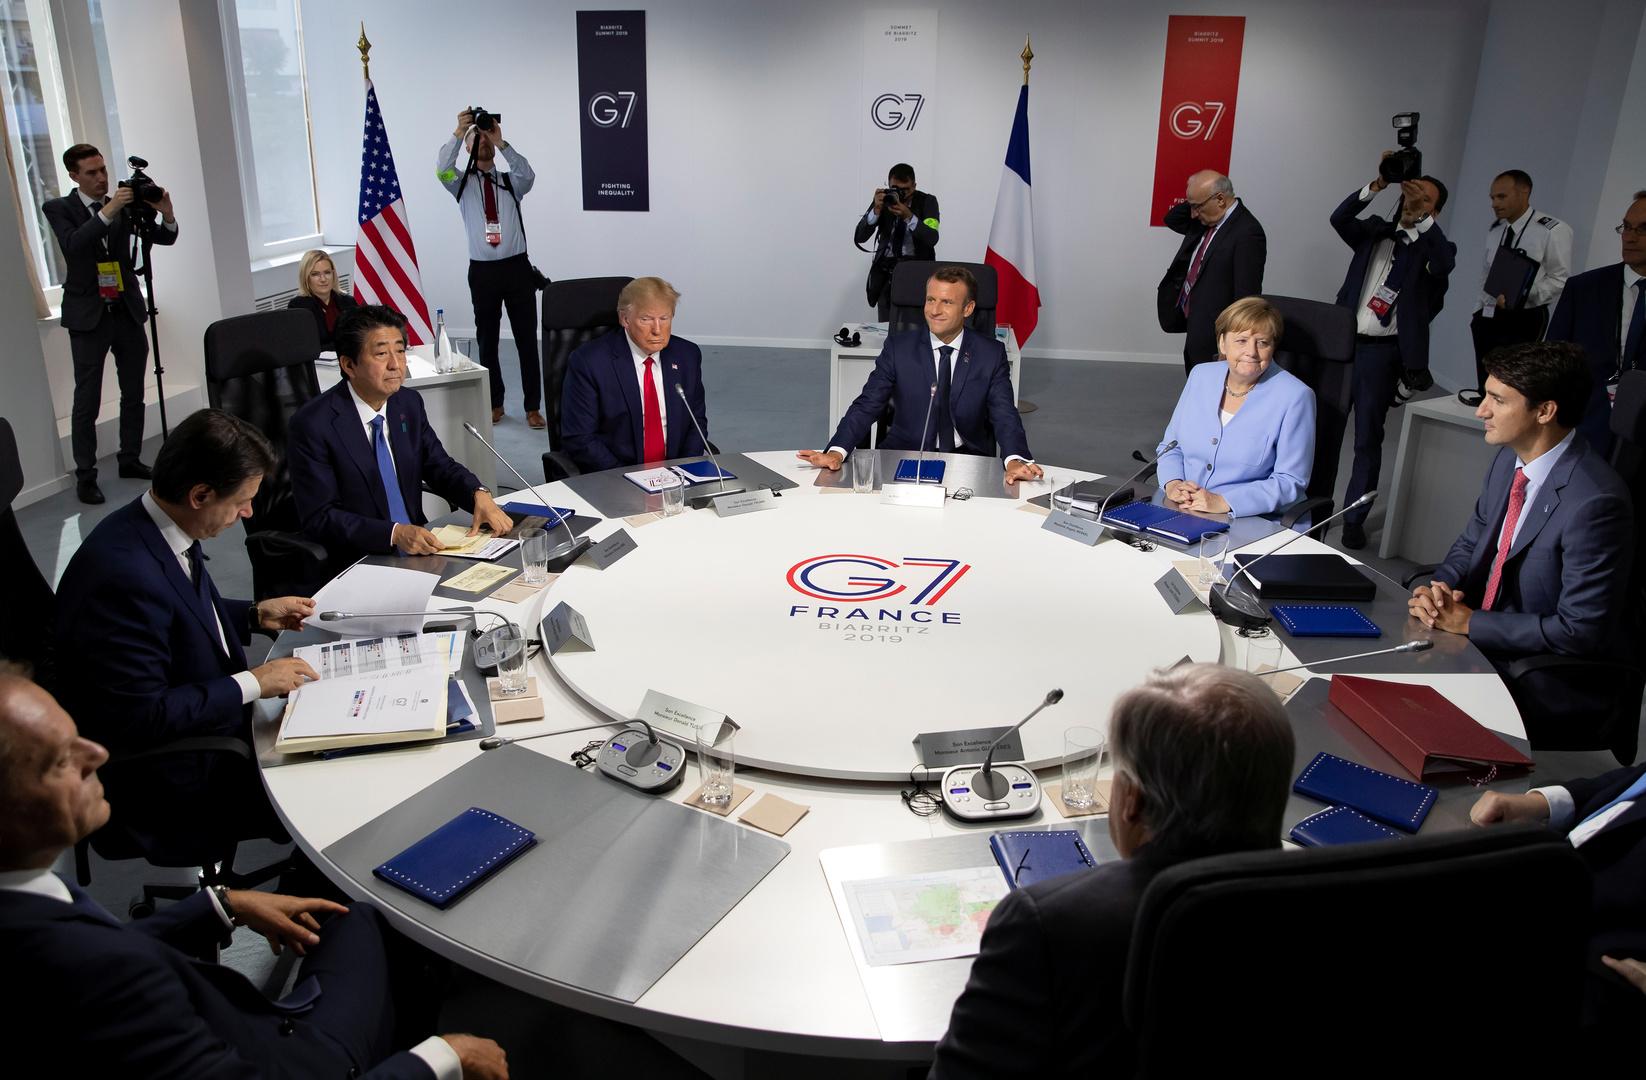 قمة G7 في مدينة بياريتس الفرنسية في أغسطس 2019